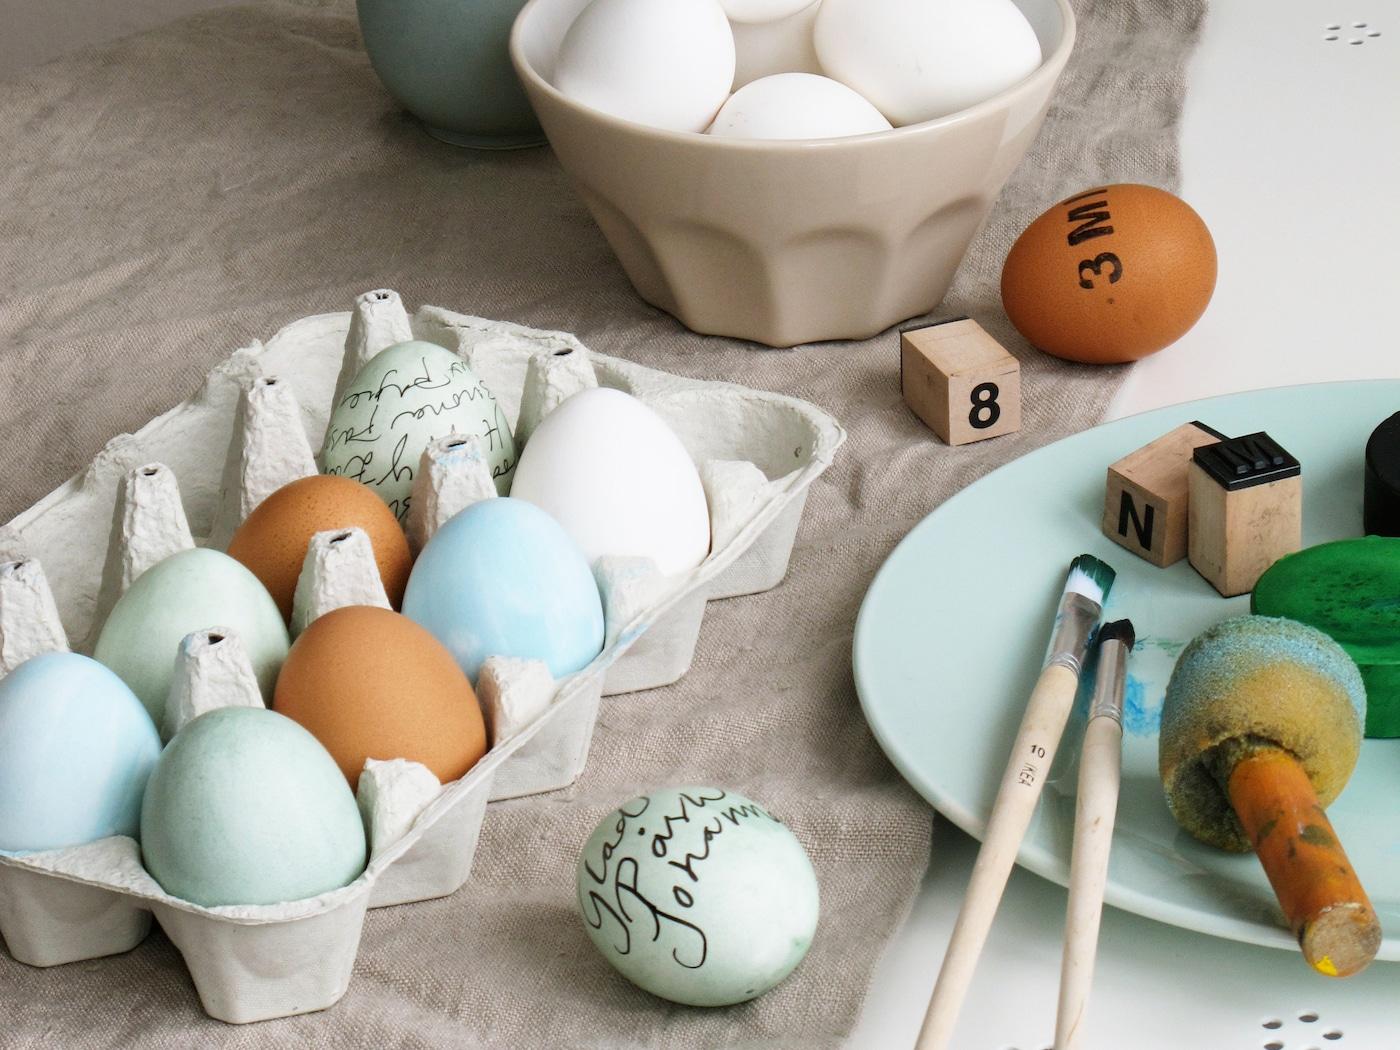 En öppen äggkartong med färgade ägg och en skål med ofärgade ägg står på en duk på ett bord. På bordet finns även ett fat där det ligger penslar och stmplar. På några av äggen har man skrivit, ritat och stämplat.